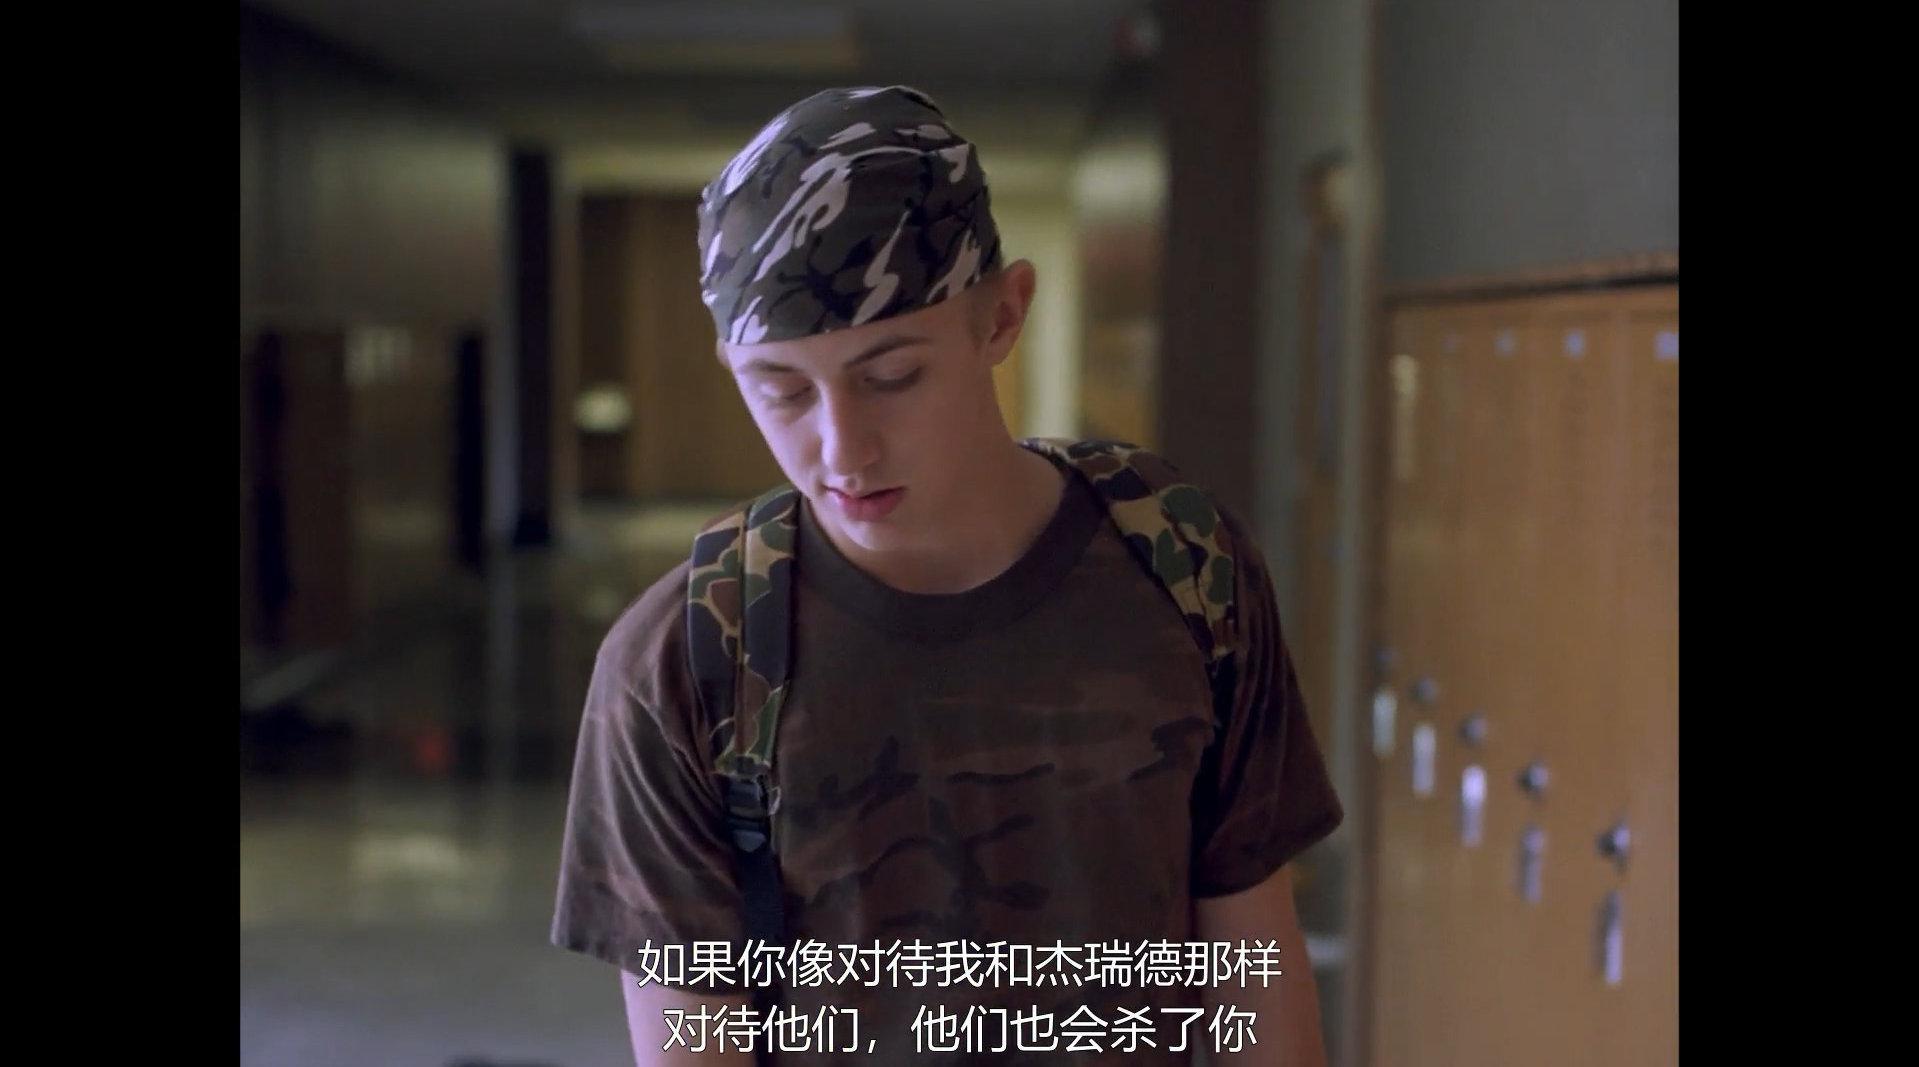 《大象》,关于校园暴力的电影。改编自震惊全美的科伦拜枪击案